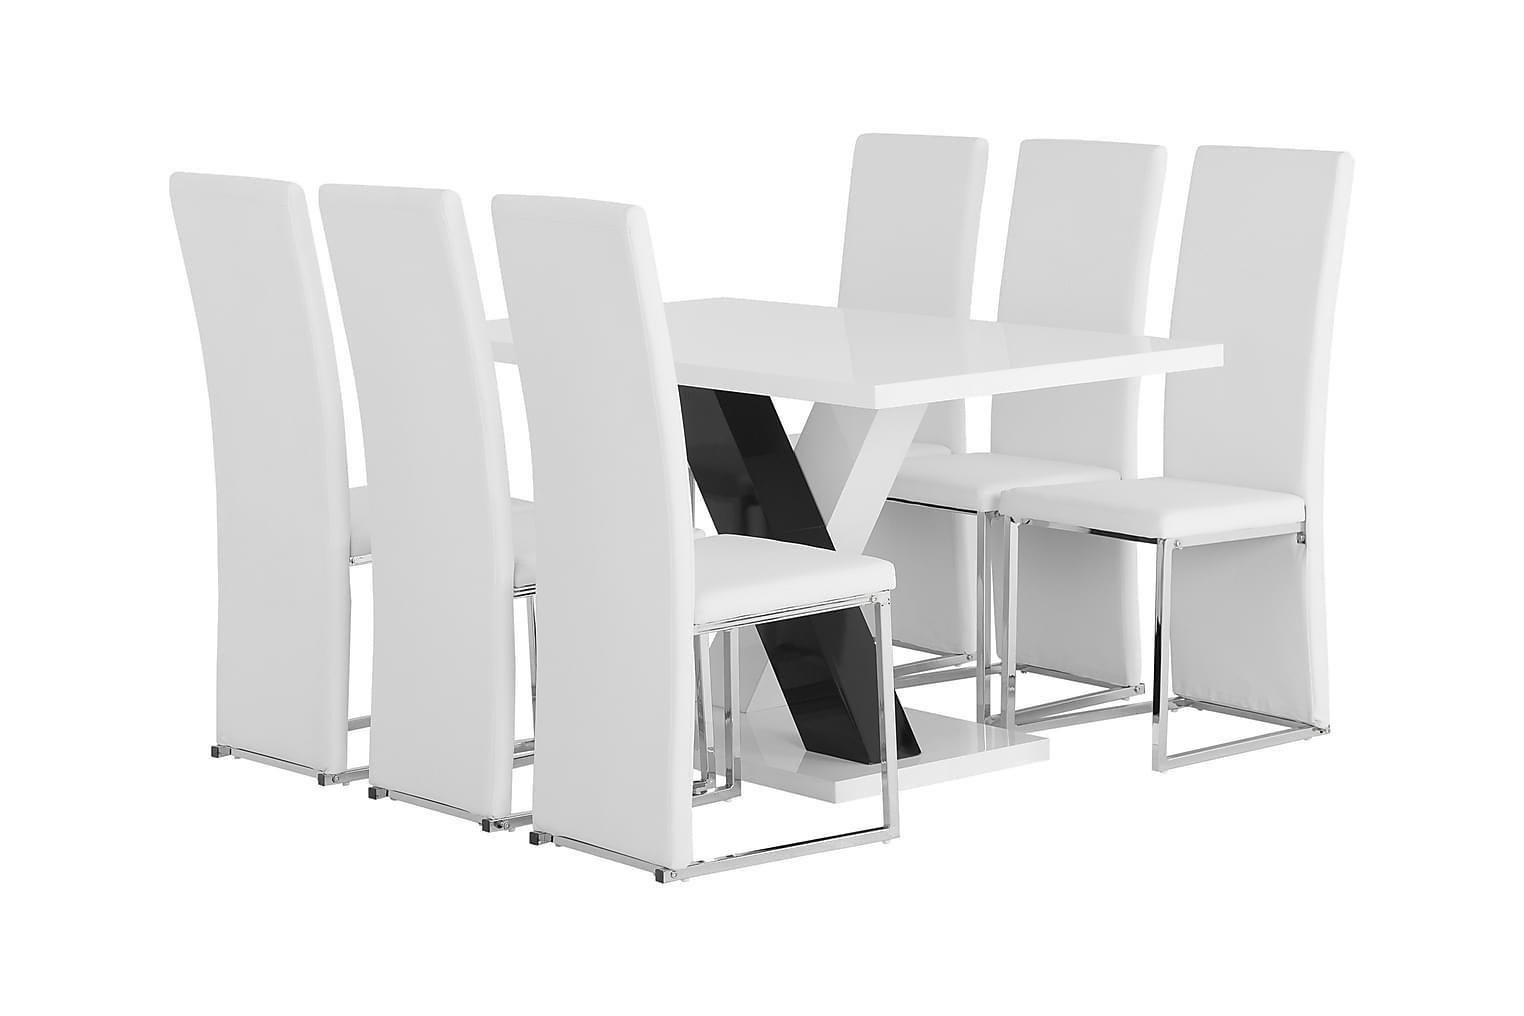 ESSUNGA Pöytä 140 + 6 BILLAN Tuolia Valkoinen